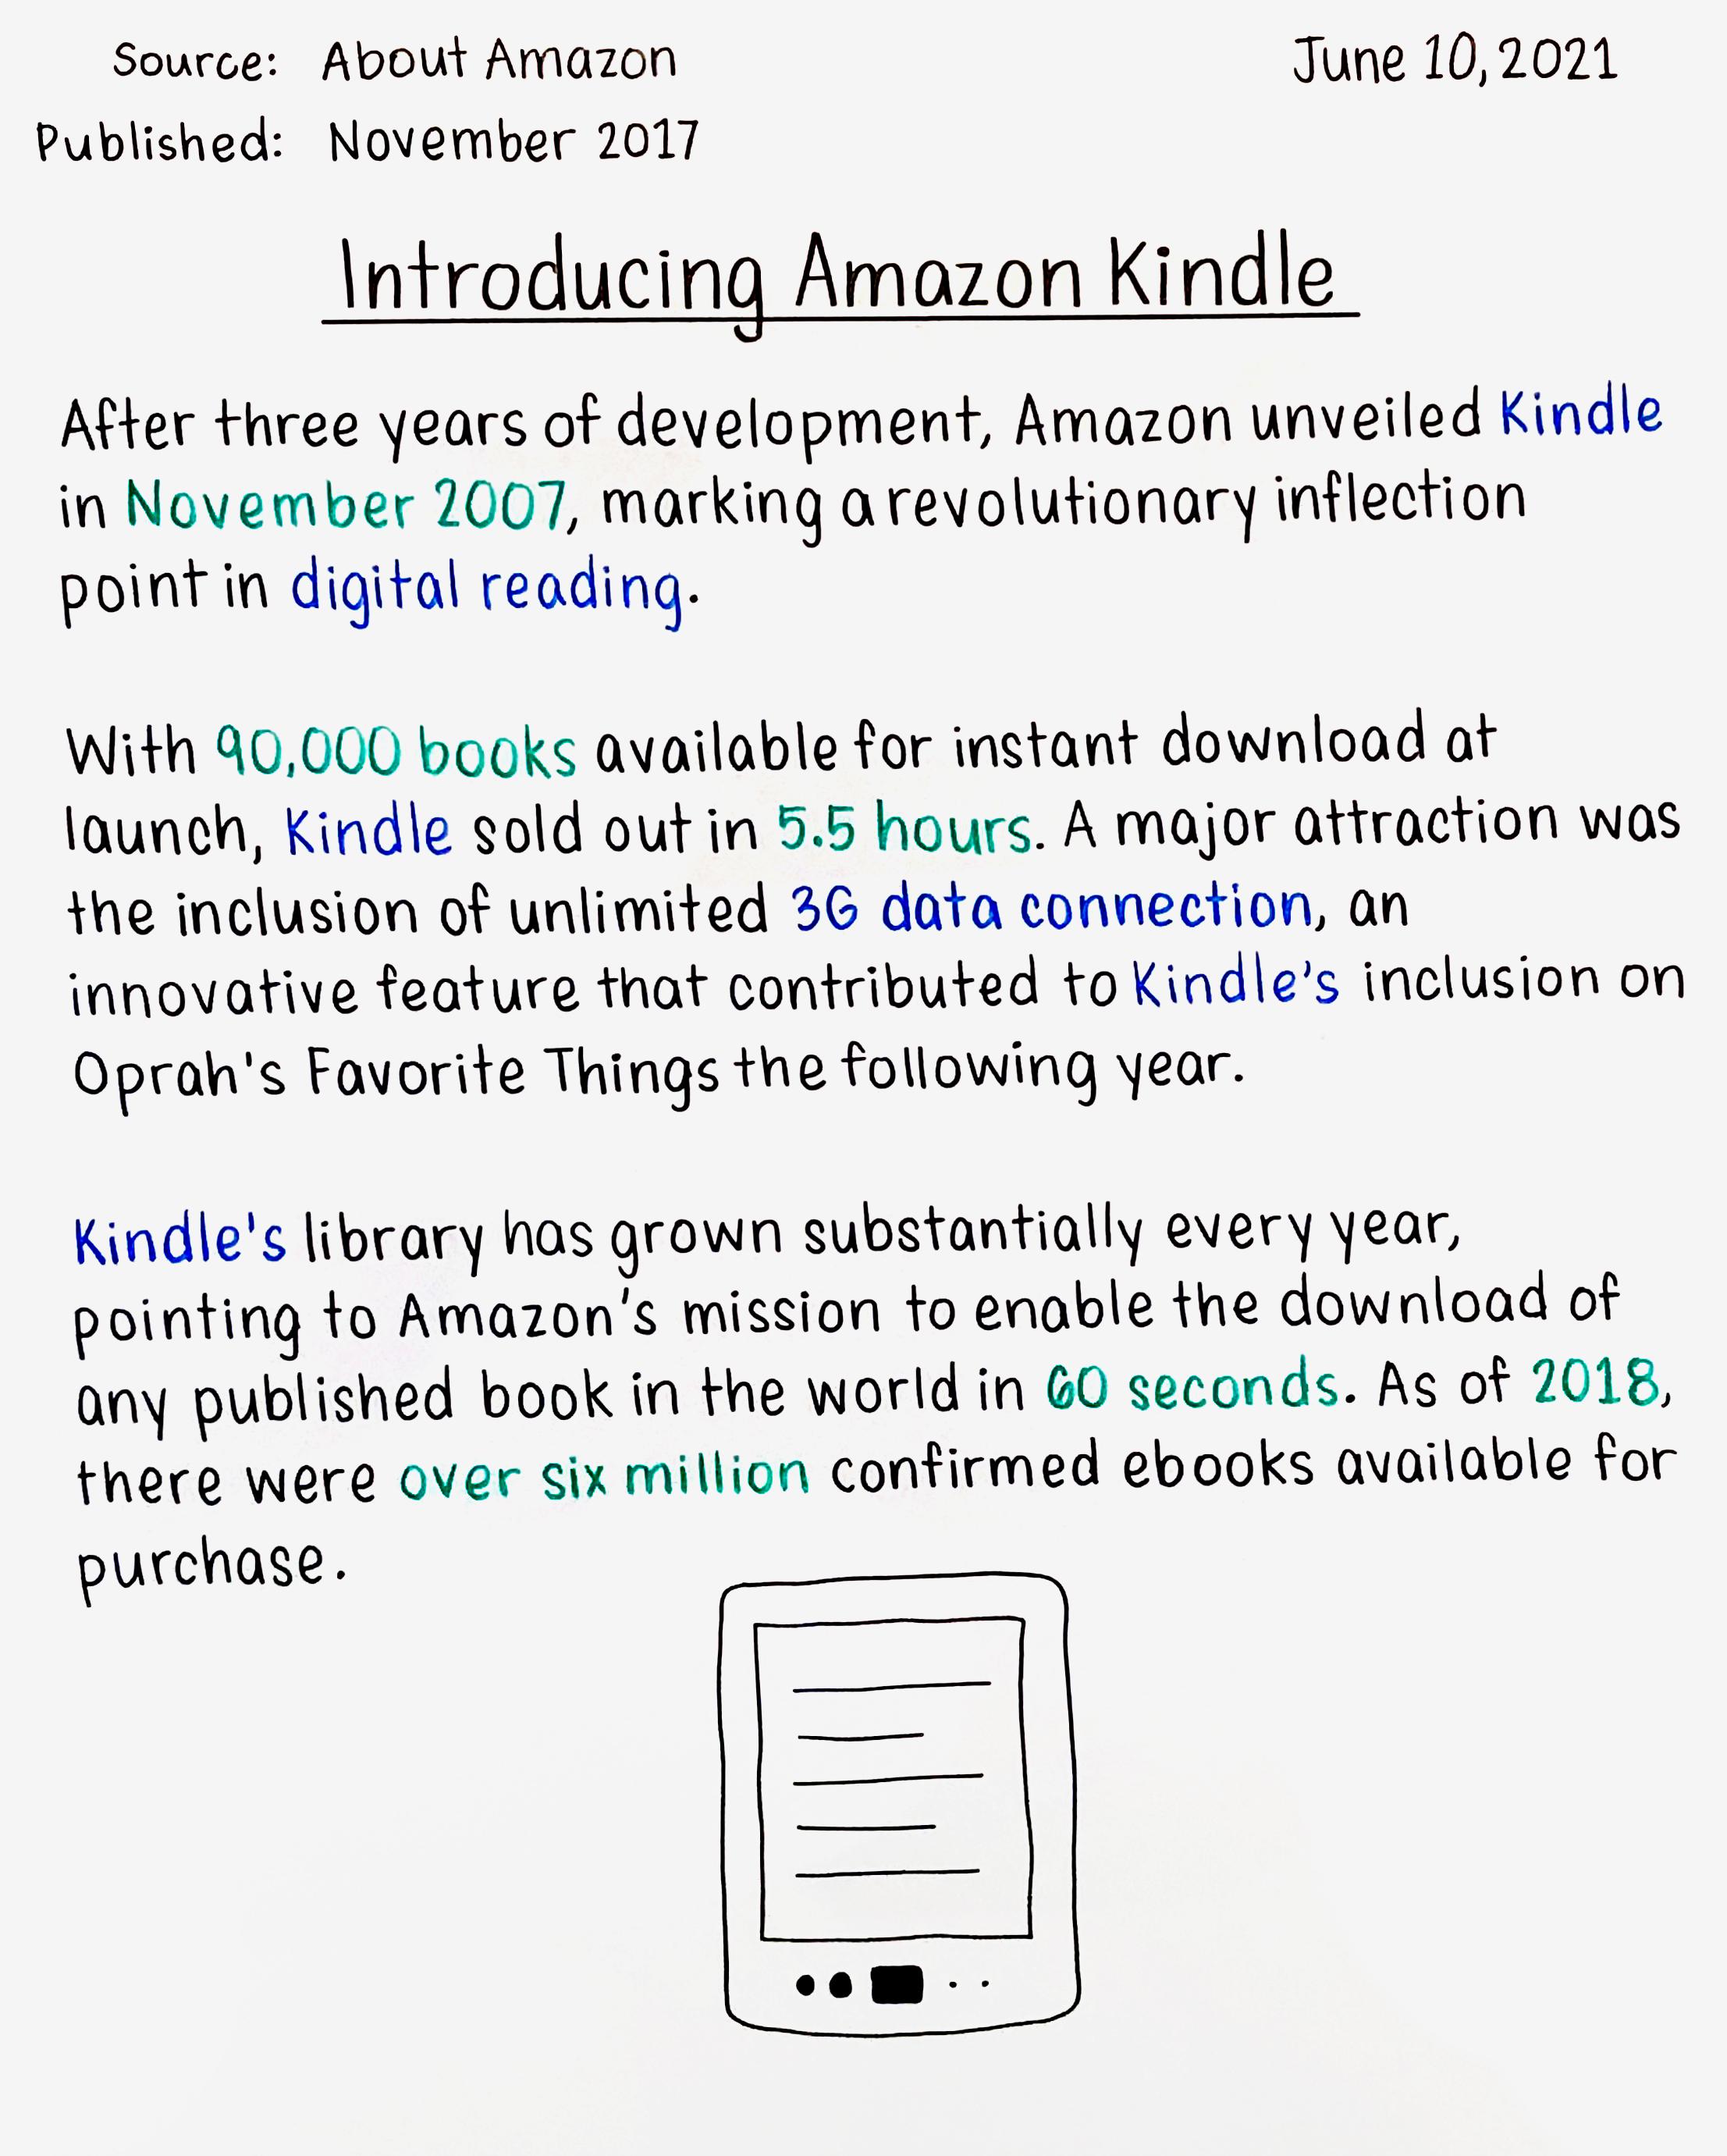 Introducing Amazon Kindle